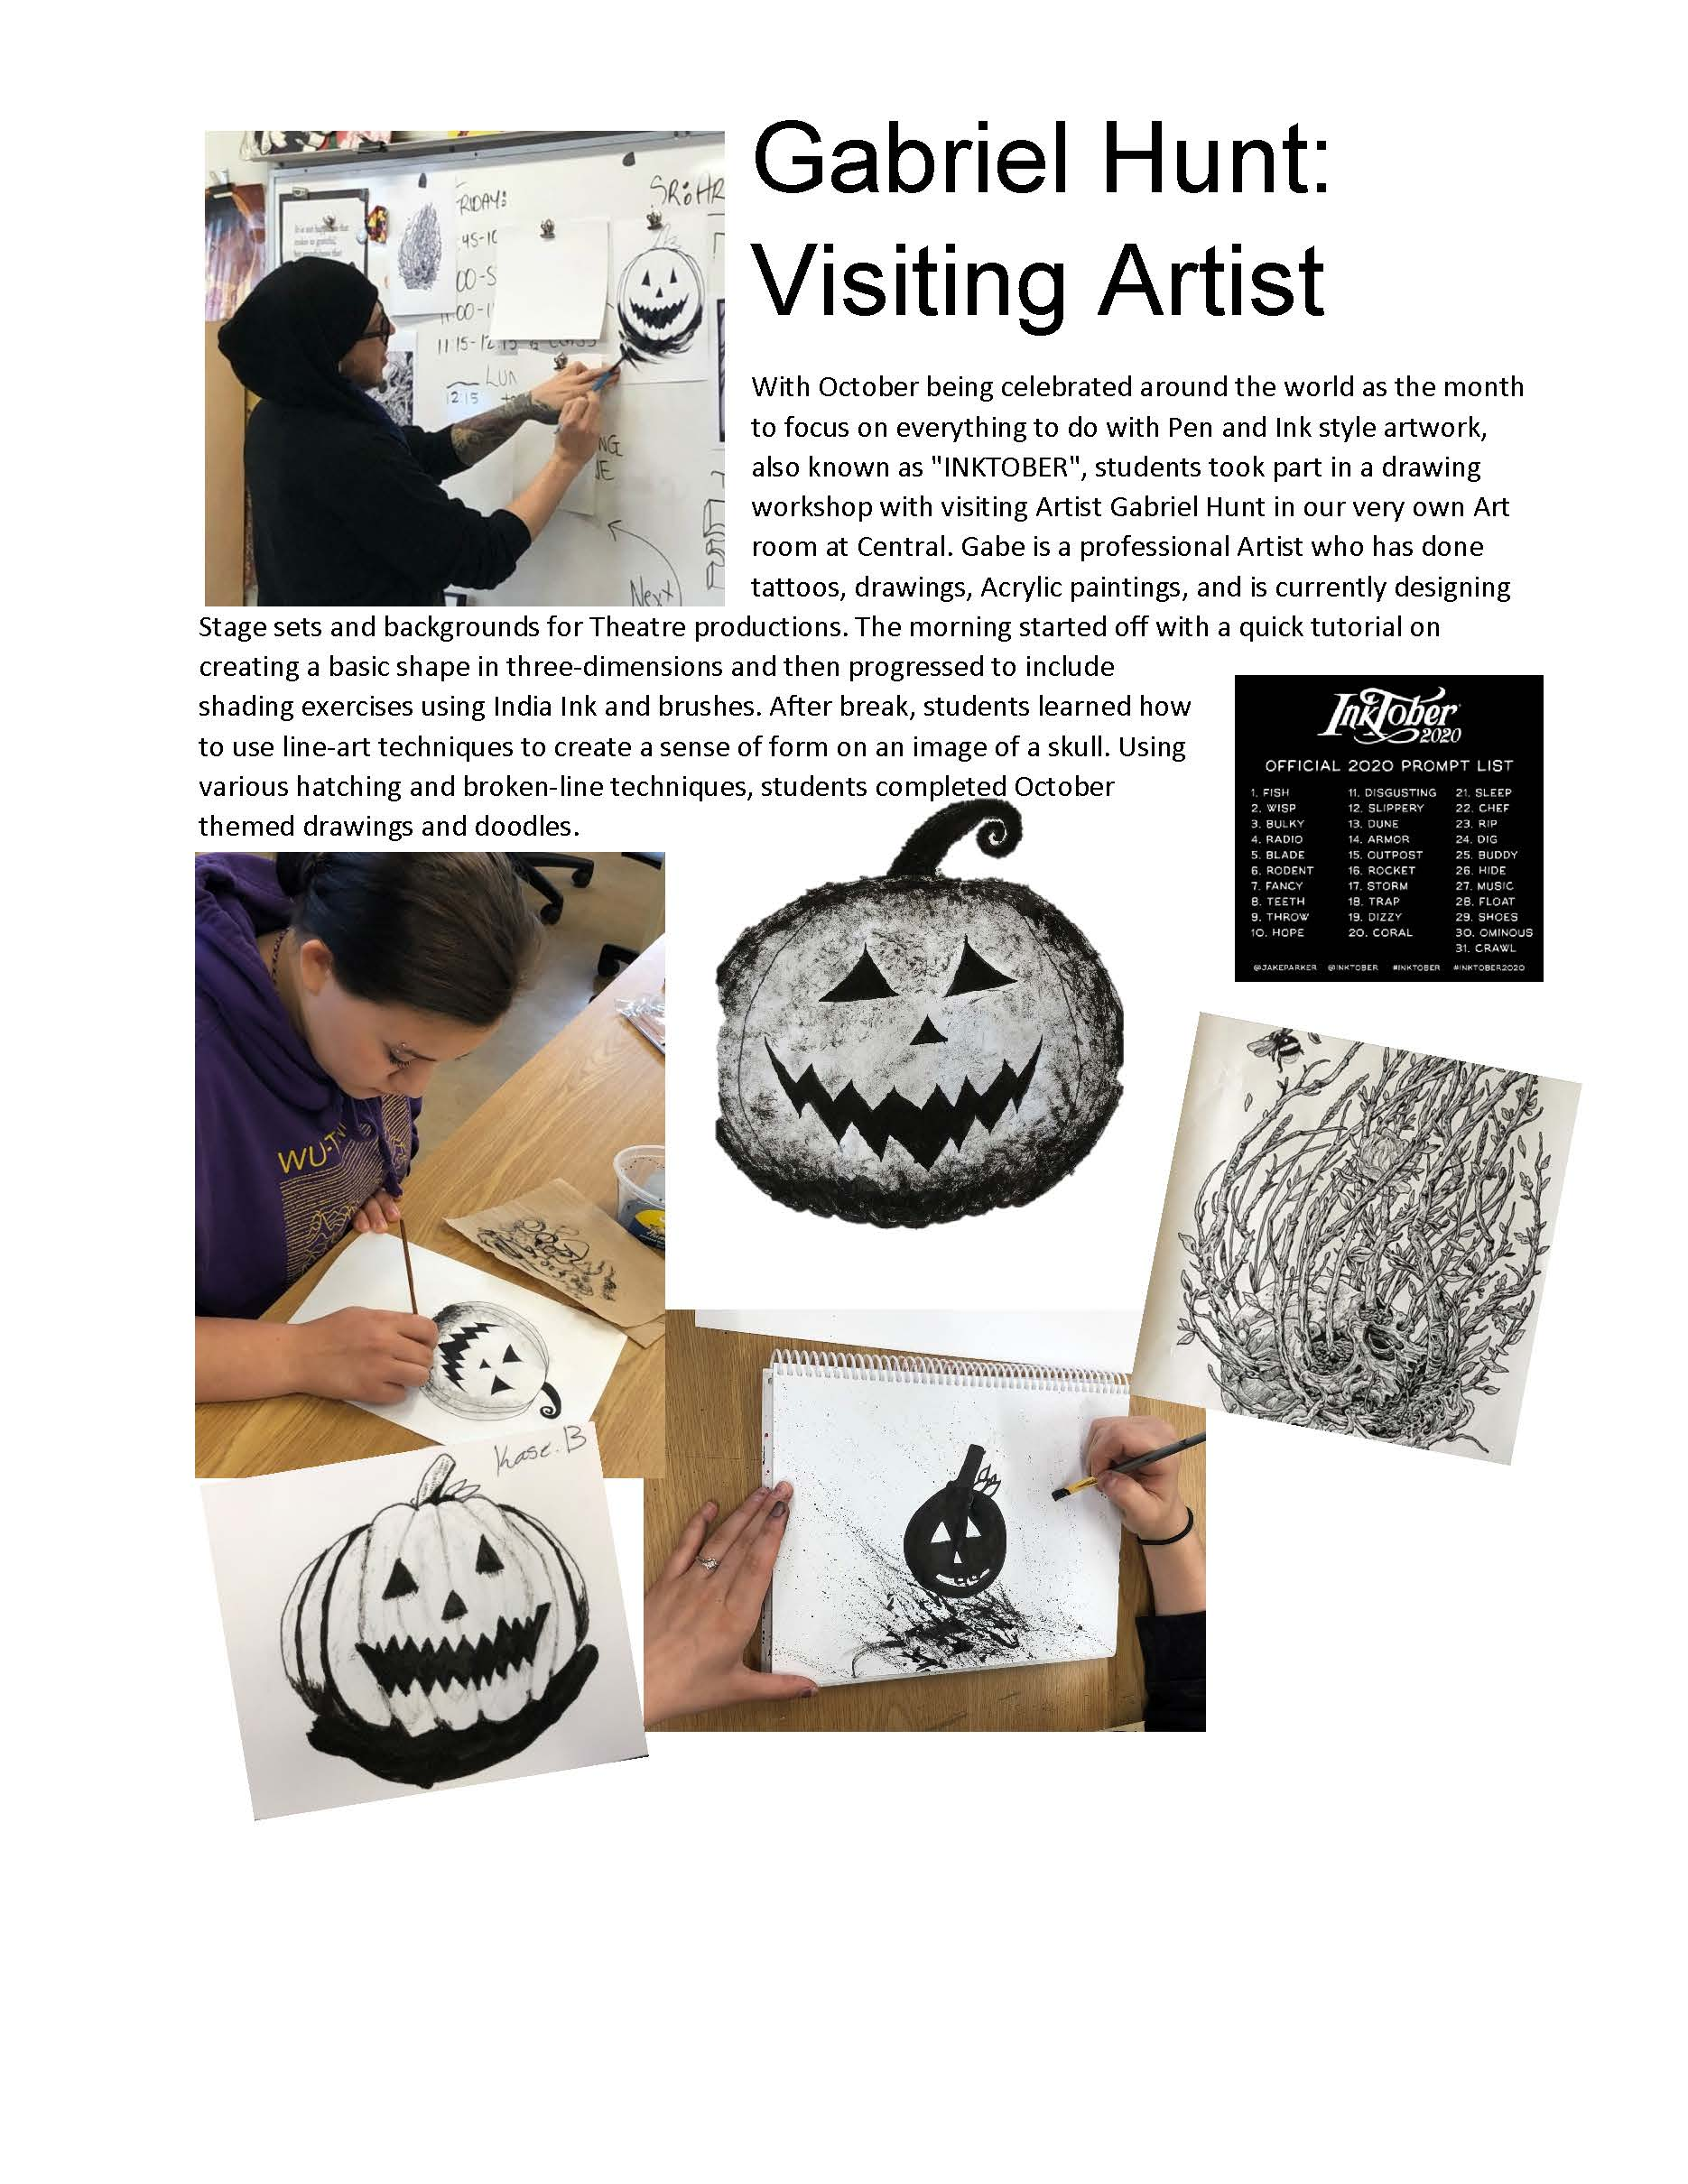 Gabriel Hunt Visiting Artist.jpg